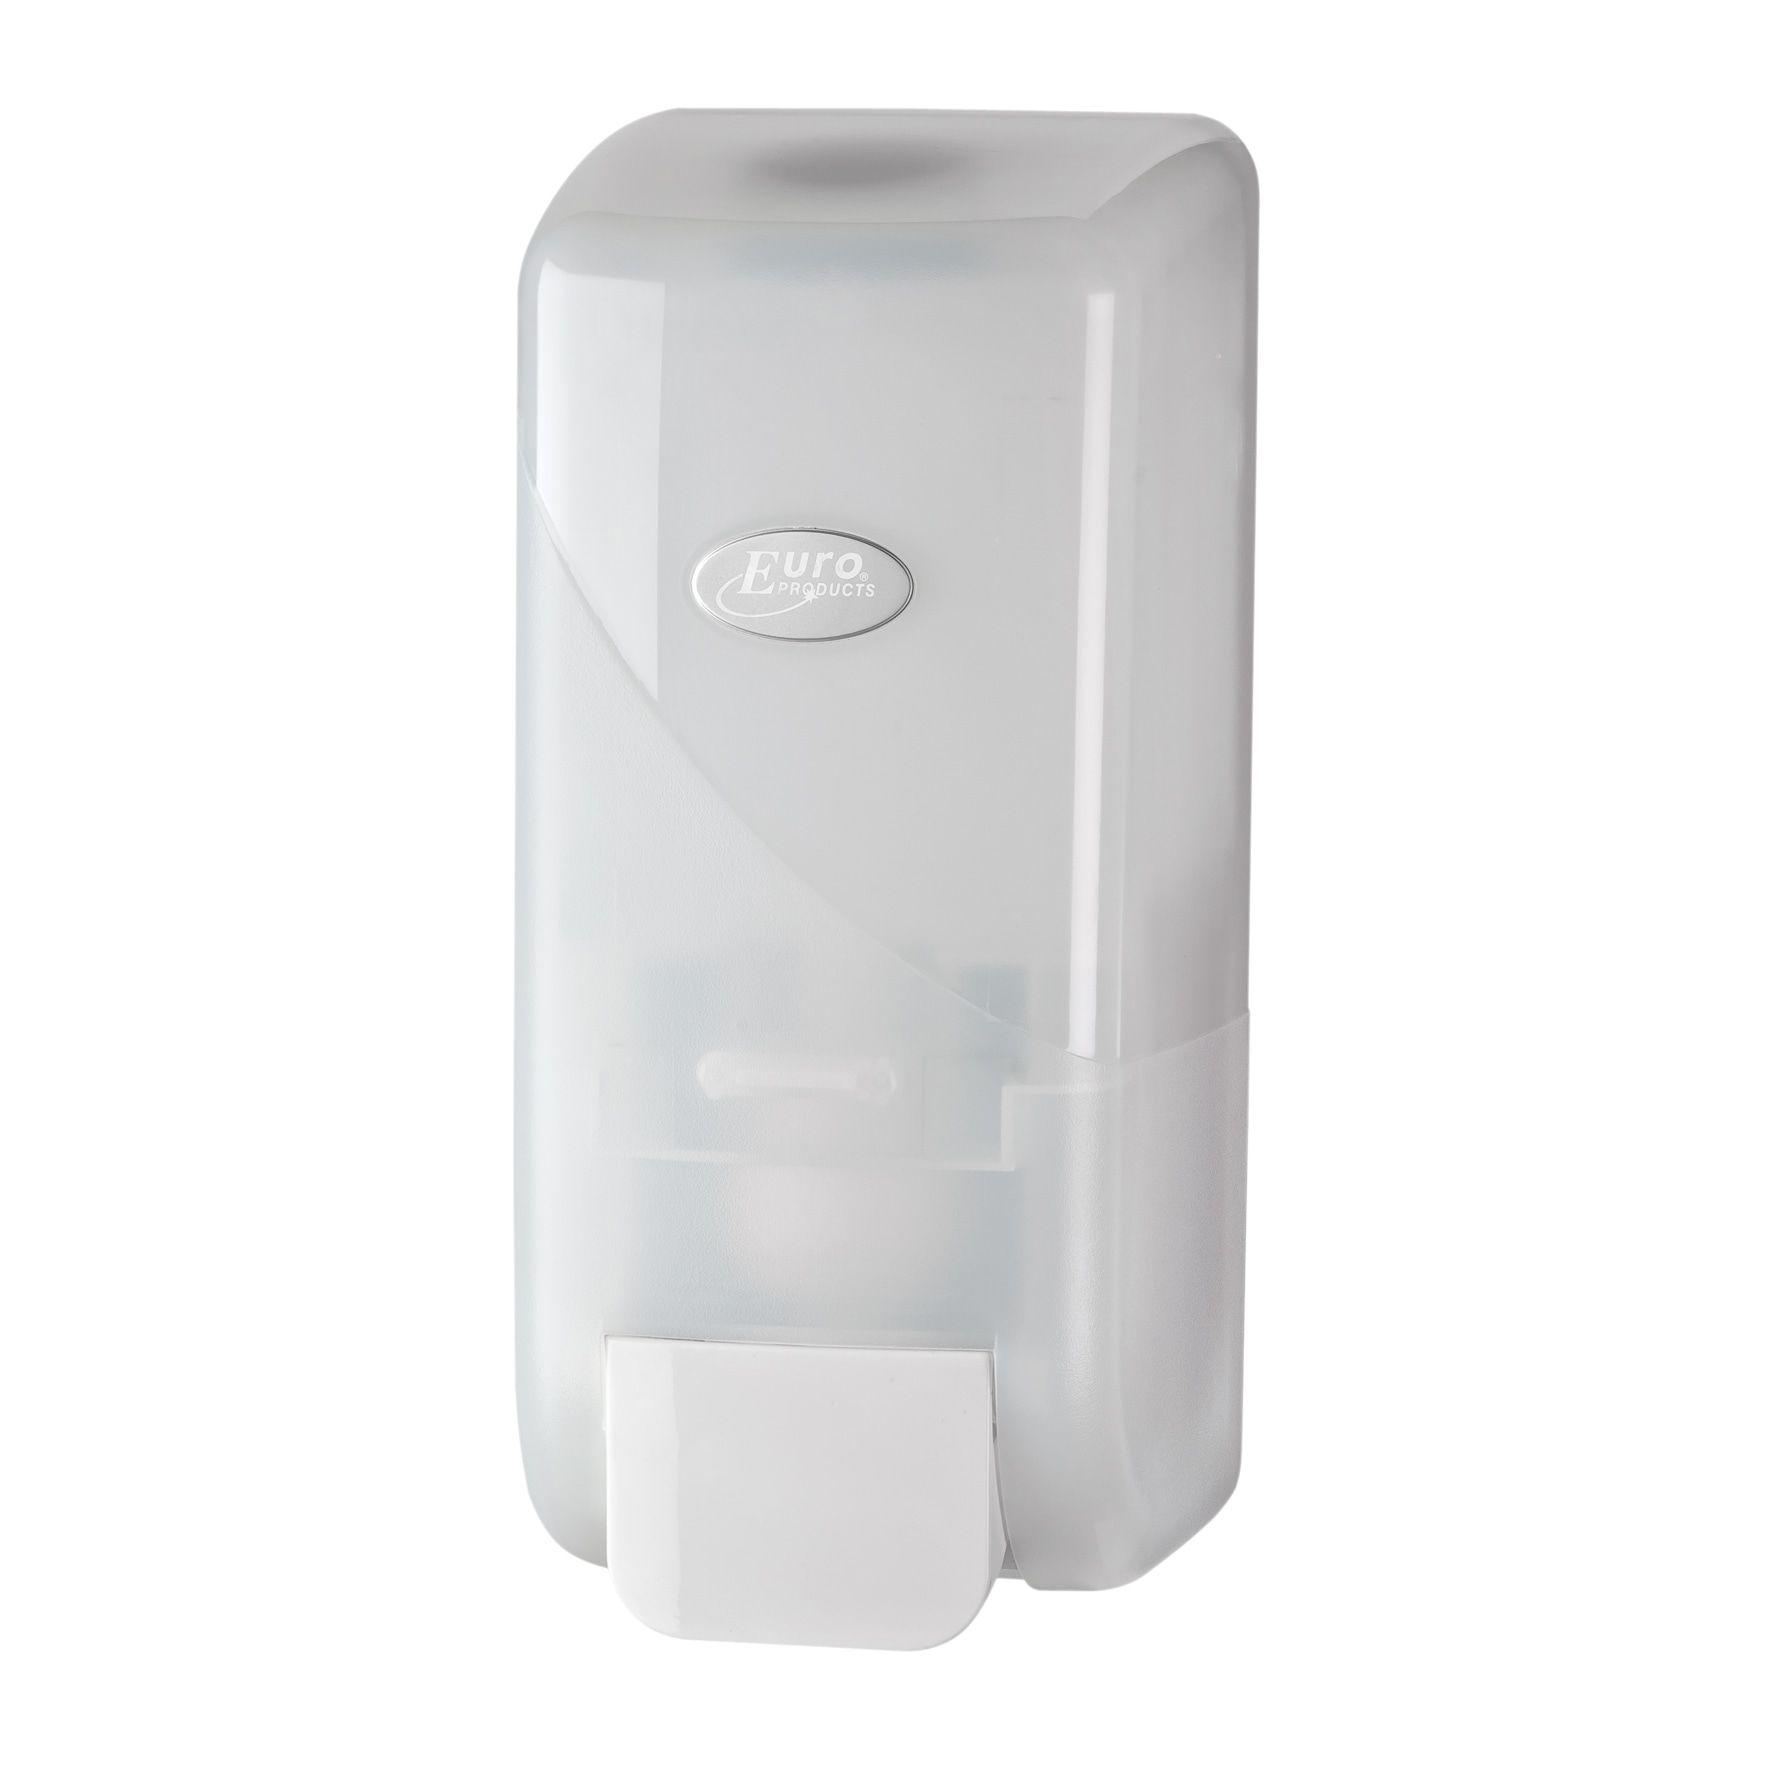 Pearl White 431201 Foam zeepdispenser 1liter (431201)